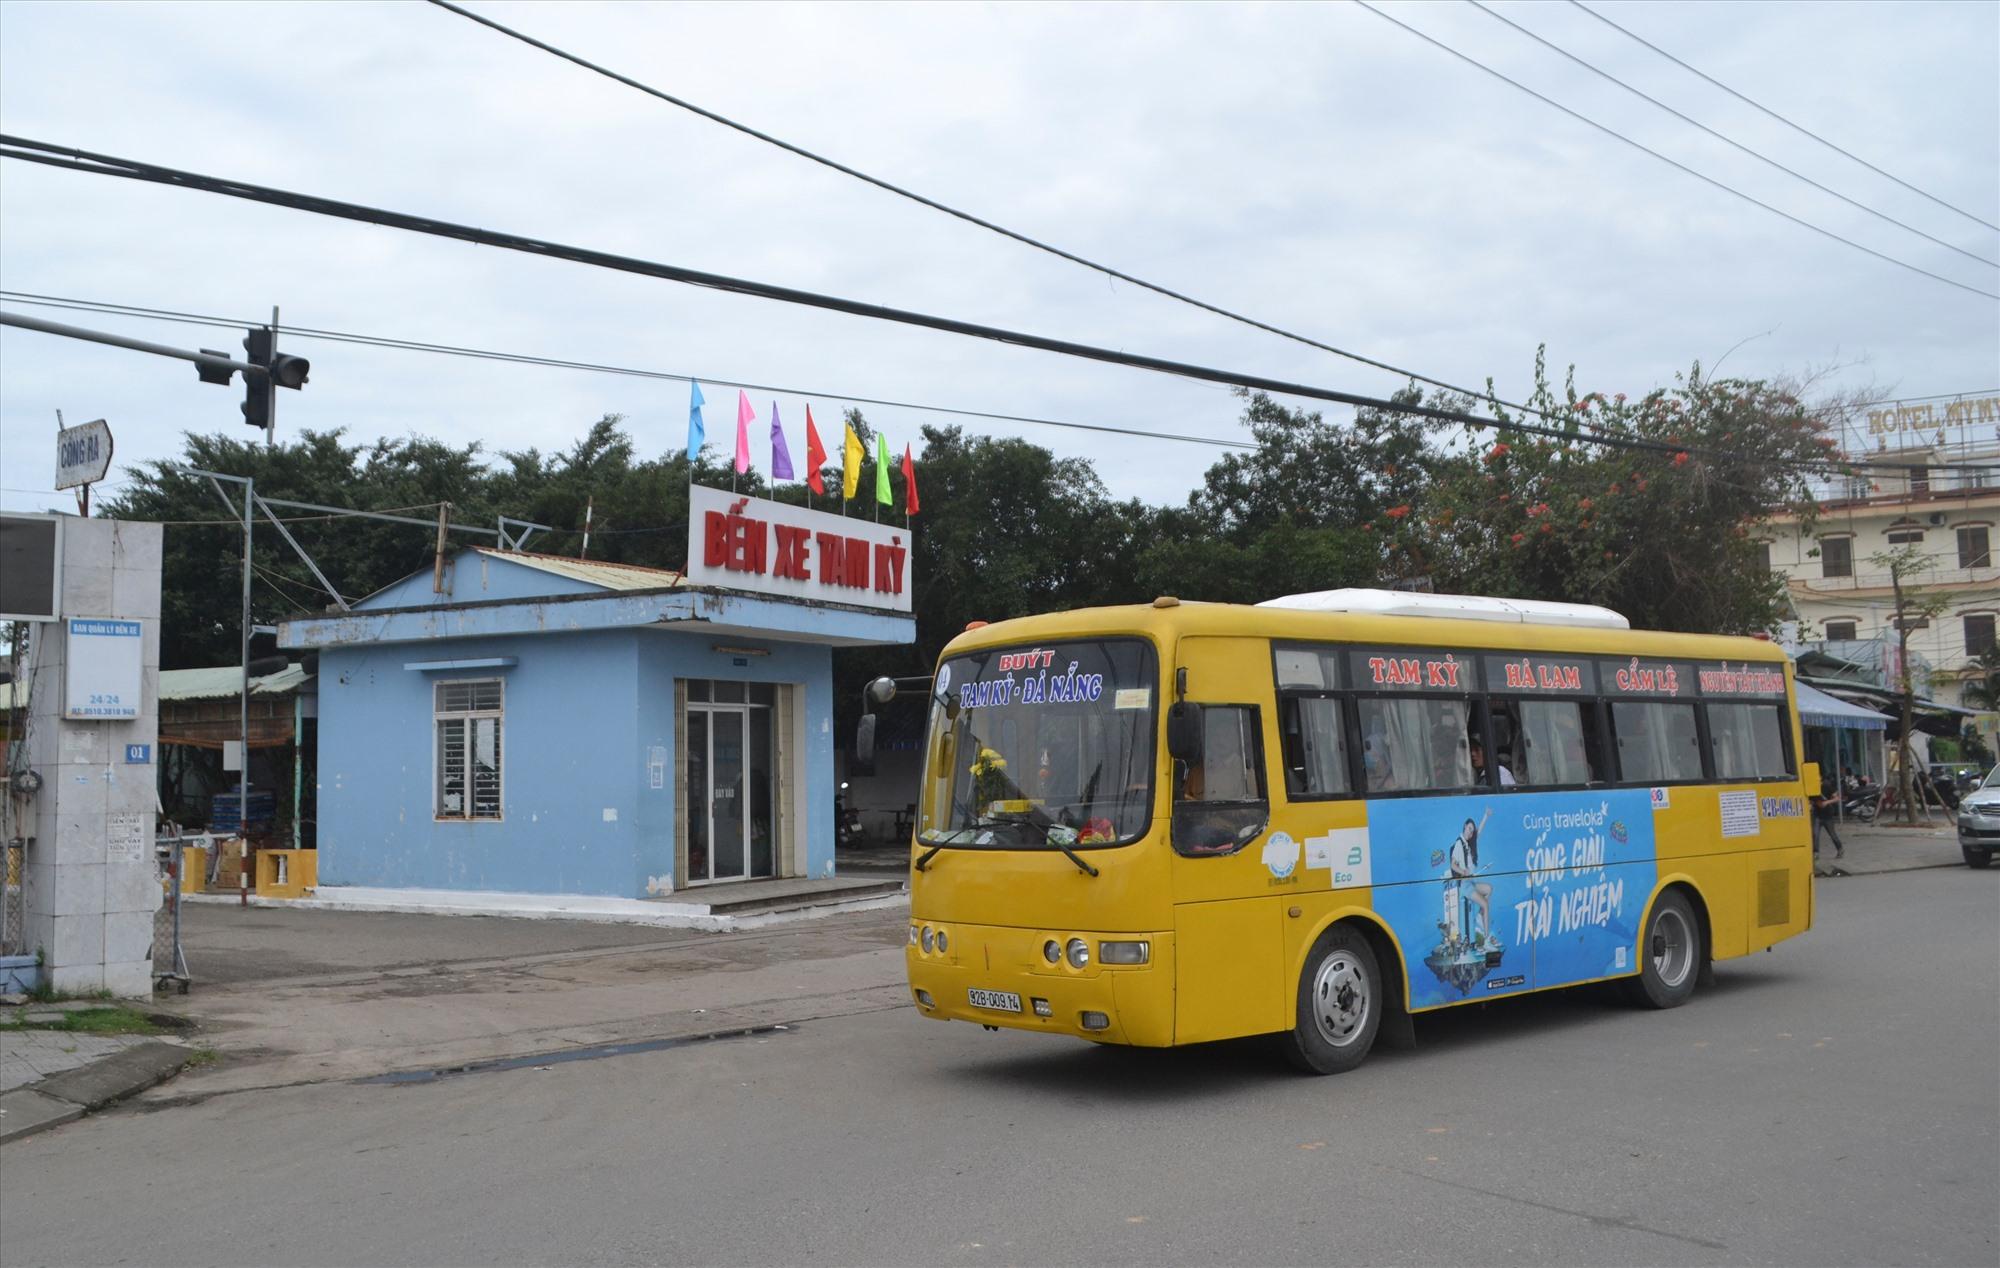 Các doanh nghiệp, kể cả người dân đang lo lắng trước việc TP.Đà Nẵng sẽ không cho xe buýt Tam Kỳ - Đà Nẵng vào nội thành. Ảnh: C.T